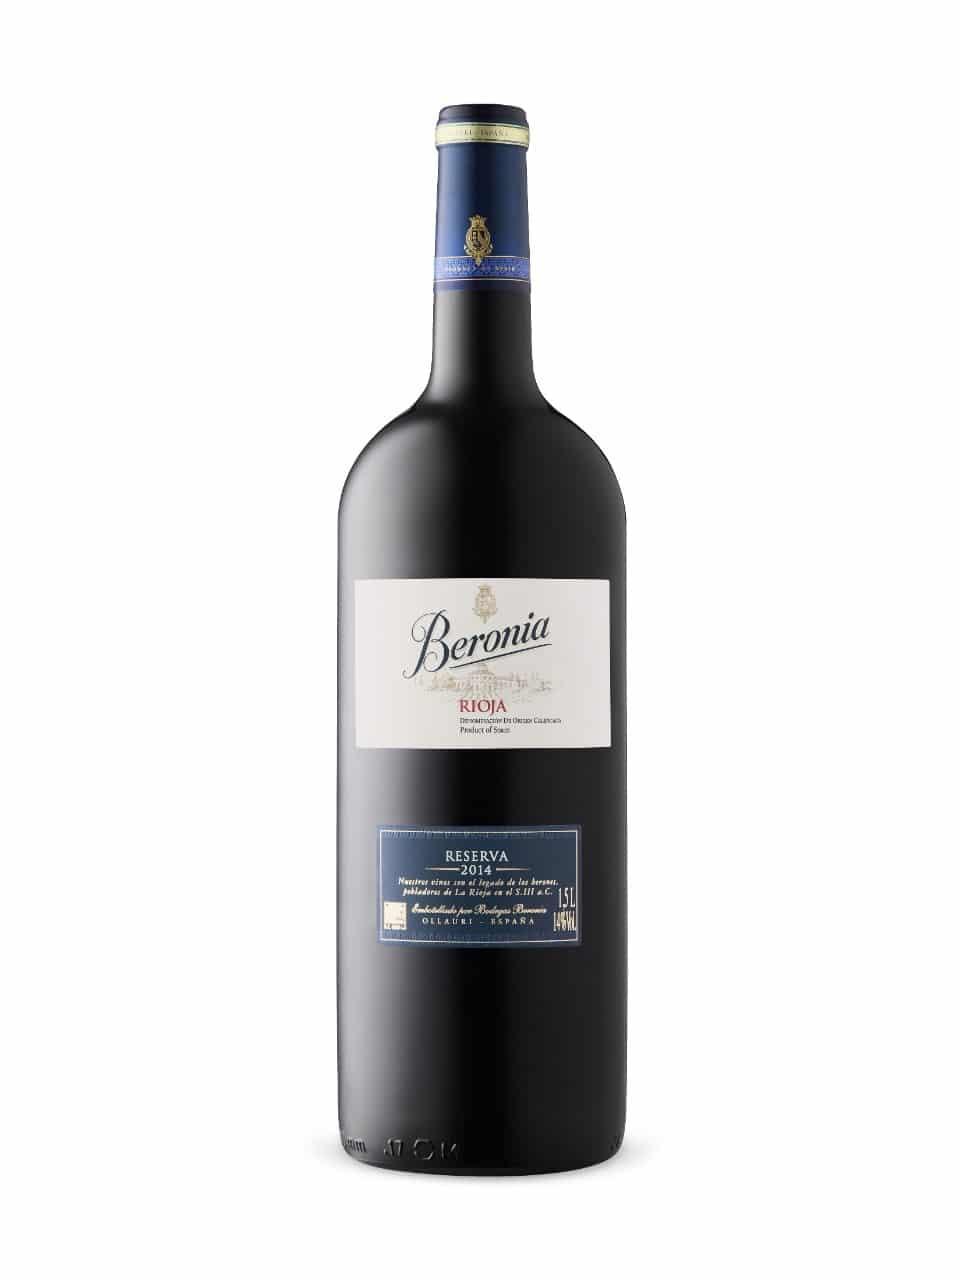 $21.95 - Beronia Reserva 2014